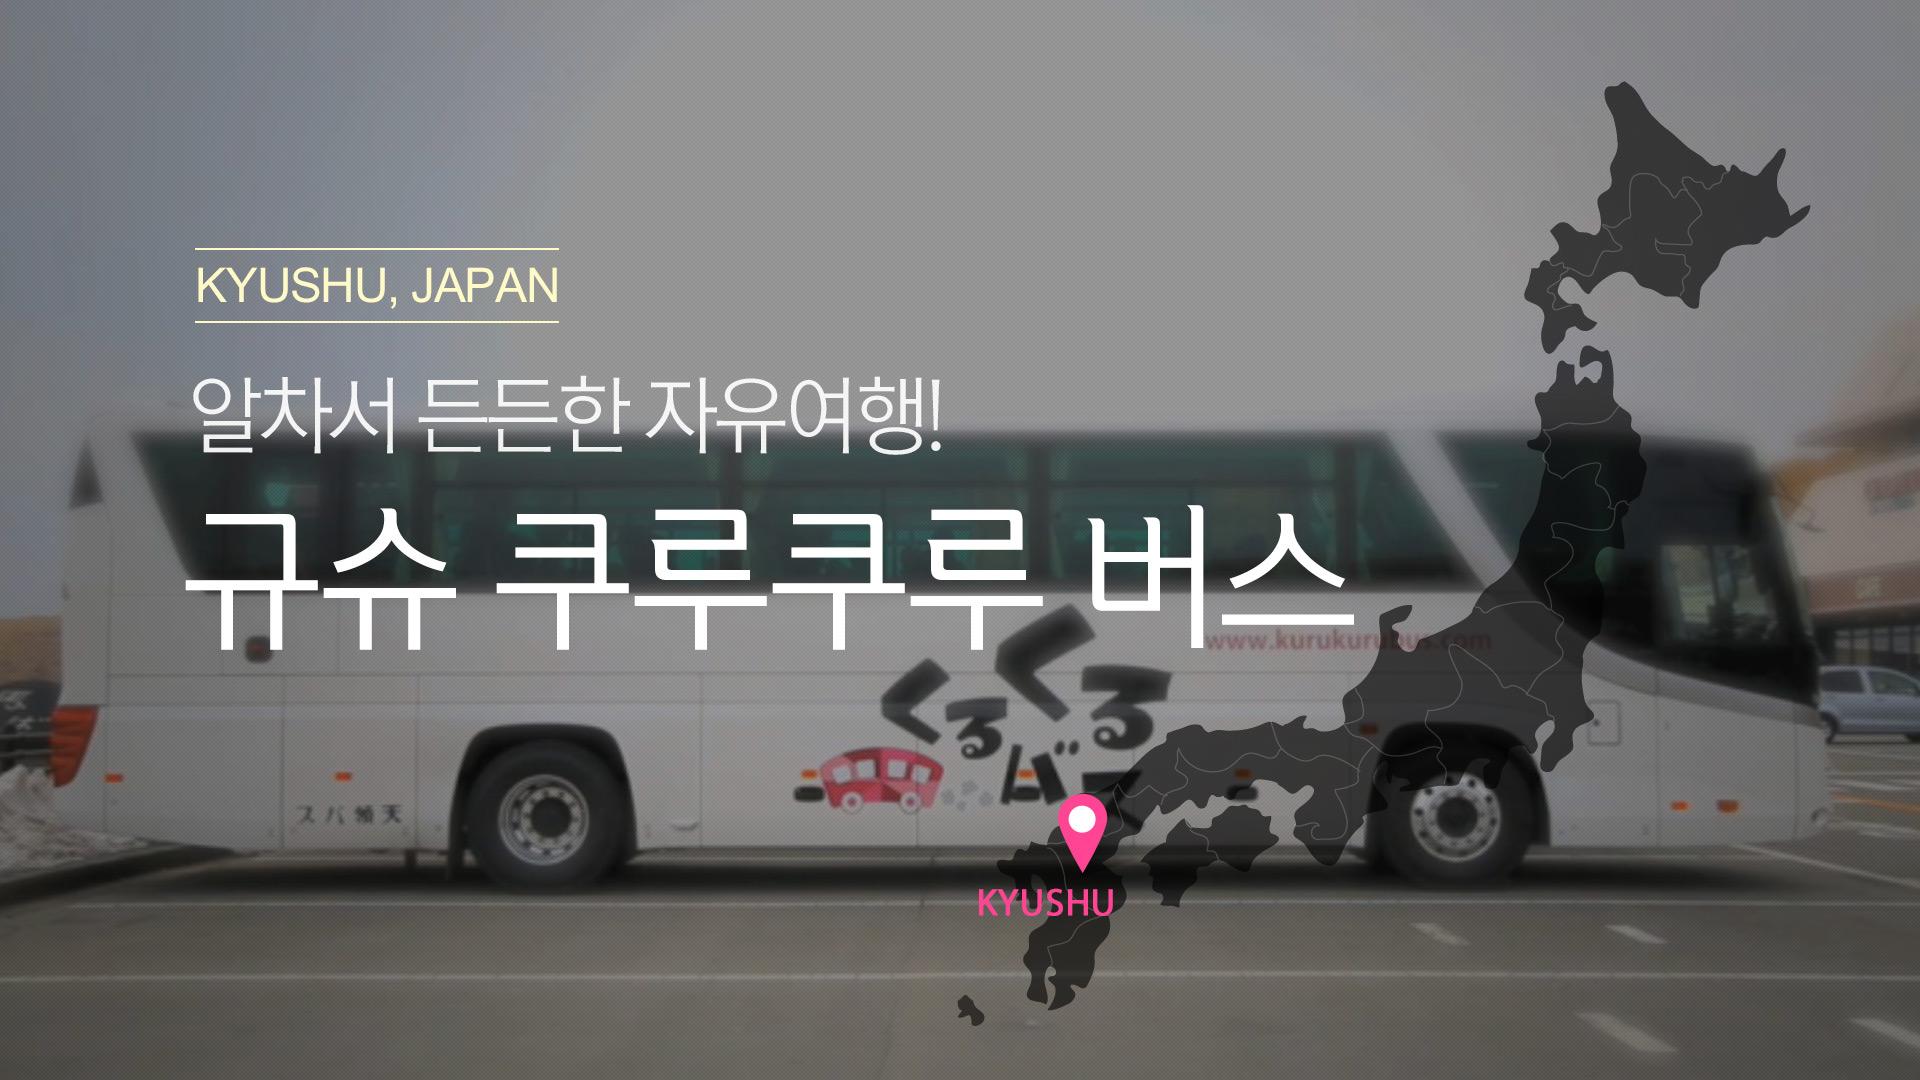 [일본] 규슈 쿠루쿠루 버스를 소개합니다.